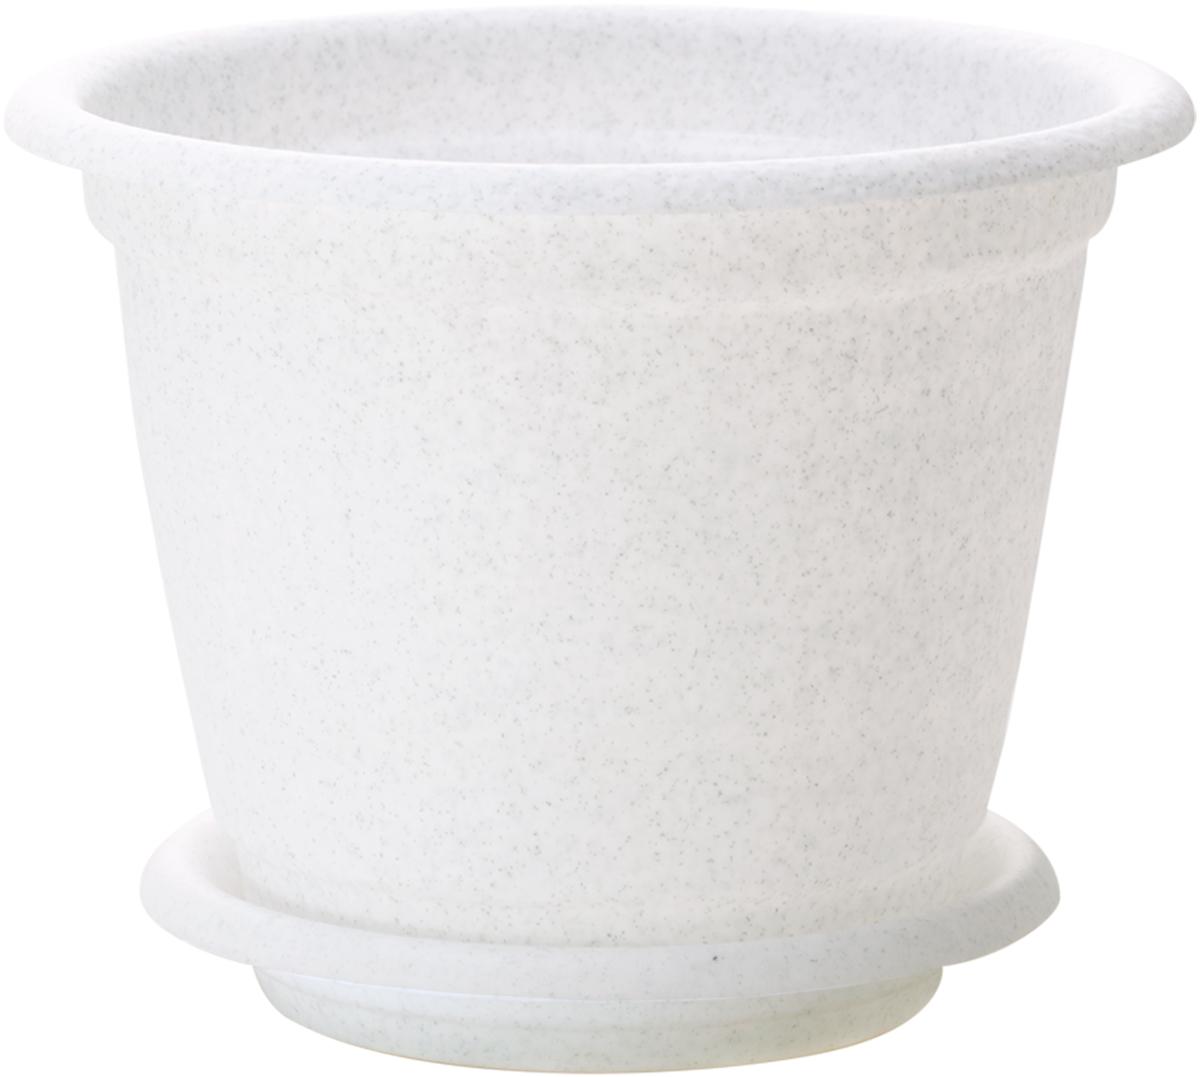 """Цветочный горшок с поддоном InGreen """"Натура"""", выполненный из высококачественного пластика, сочетает в себе классический дизайн и функциональность. Он станет прекрасным дополнением любого интерьера. Горшок имеет дренажные отверстия, что способствует выведению лишней влаги из почвы и предотвращает гниение корневой системы растения. Благодаря специальной крепежной системе поддон прочно крепится к горшку, что обеспечивает удобство эксплуатации изделия. Между стенкой горшка и поддоном есть зазор, который позволяет испаряться лишней влаге и дает возможность прикорневого полива растения. Горшок InGreen """"Натура"""" предназначен для выращивания многолетних и однолетних растений."""